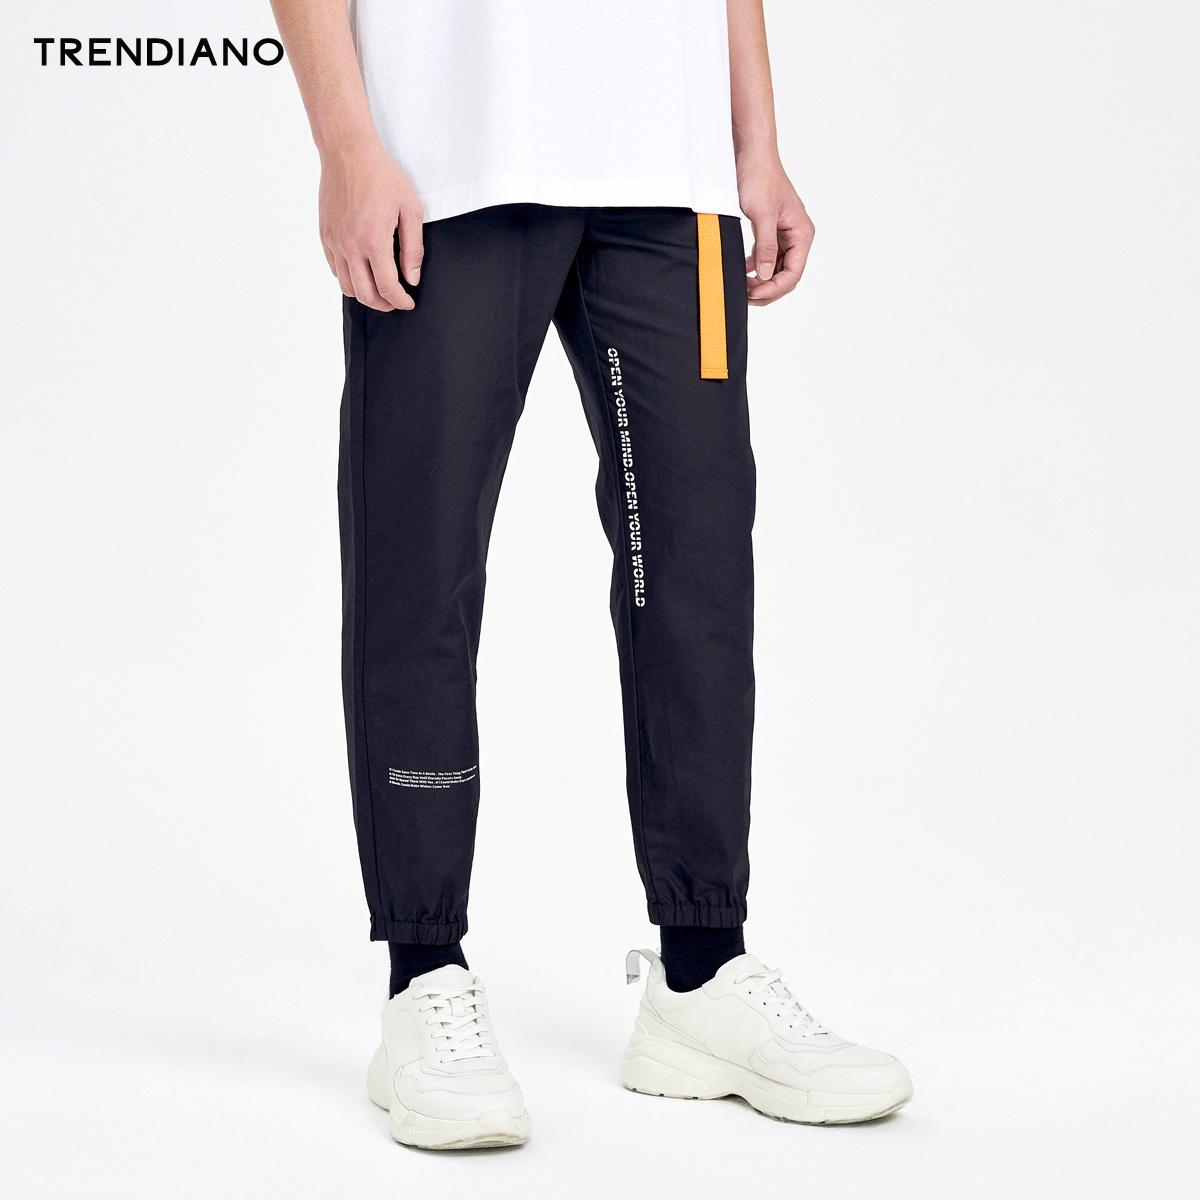 【聚】TRENDIANO新2018男夏装宽松字母哈伦九分休闲裤3GC2061380